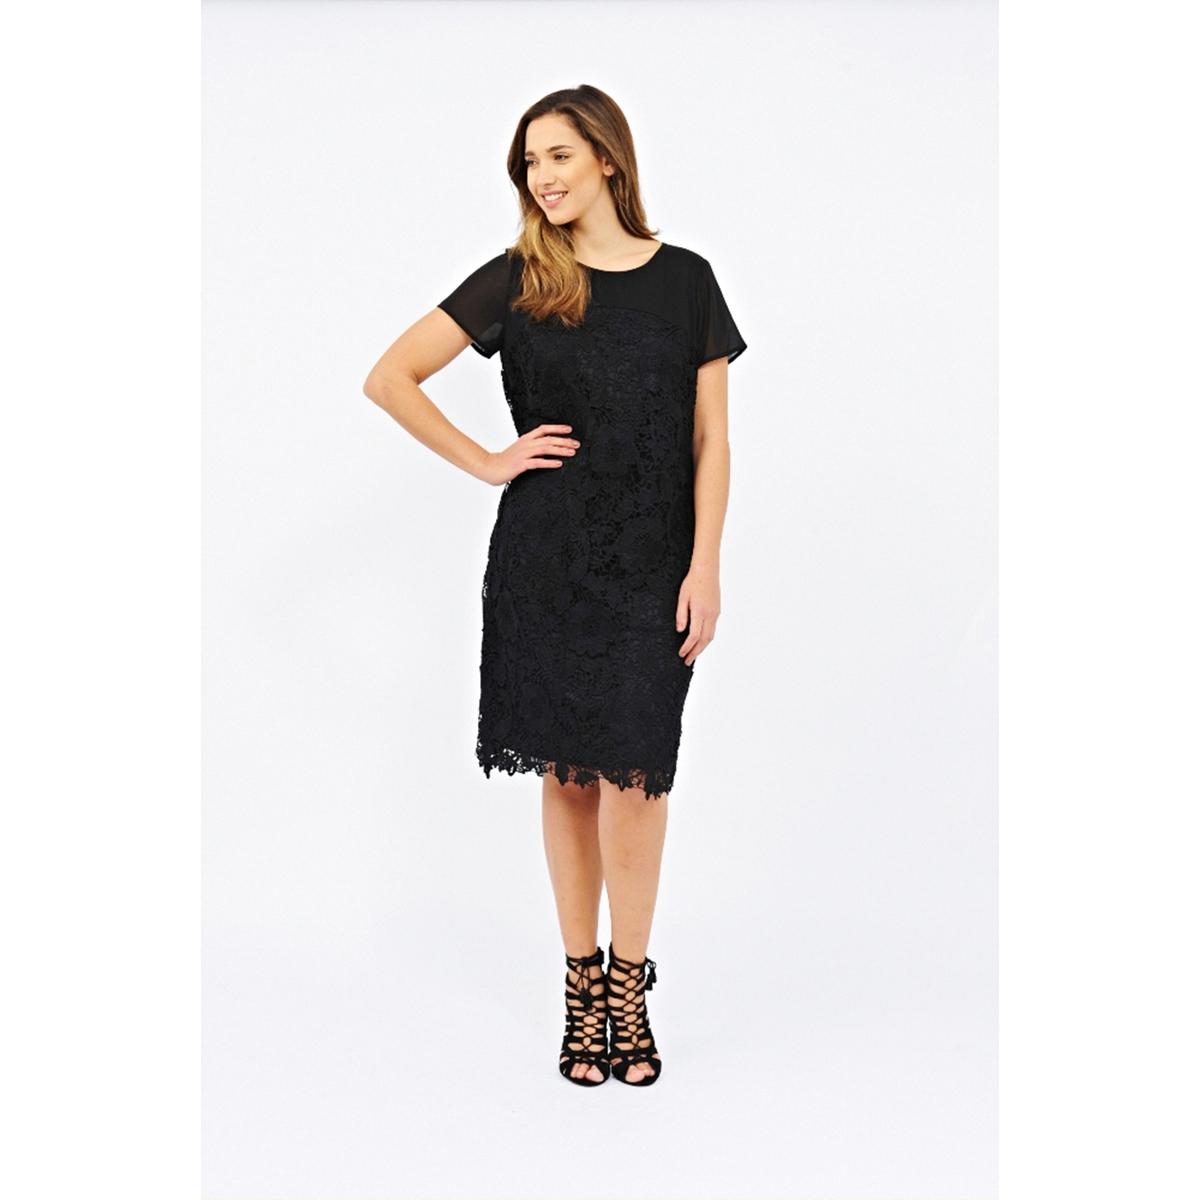 Платье с короткими рукавамиПлатье с короткими рукавами - LOVEDROBE. Элегантное кружево. Верх из однотонного материала. Длина ок.104 см. 100% полиэстера.<br><br>Цвет: черный<br>Размер: 58/60 (FR) - 64/66 (RUS).46 (FR) - 52 (RUS)